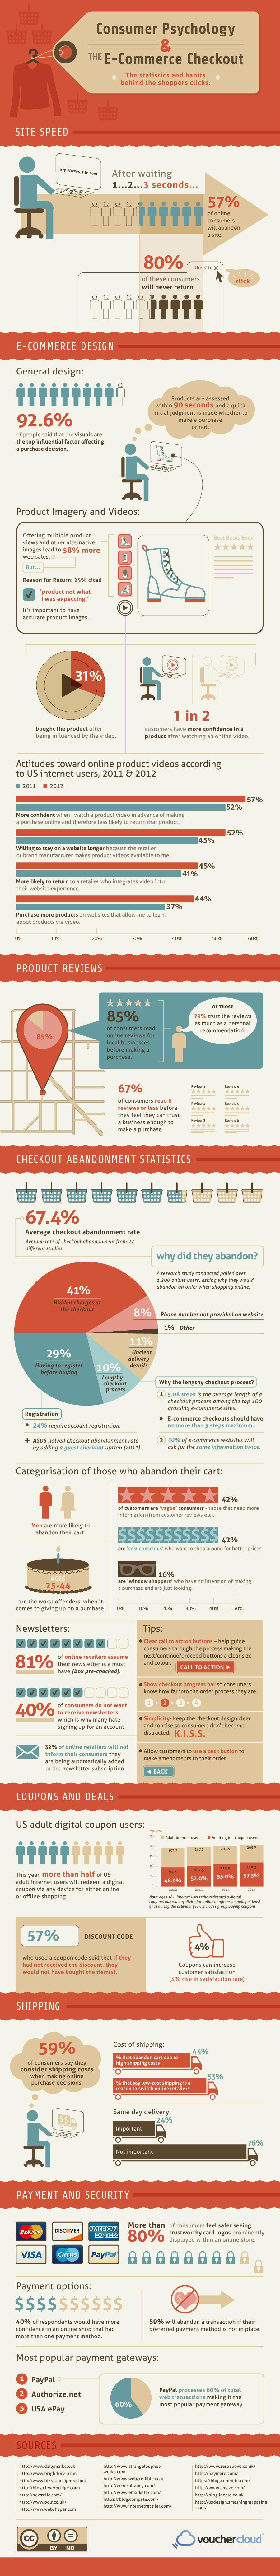 Motivos do abandono de carrinho e outras coisas no e-commerce